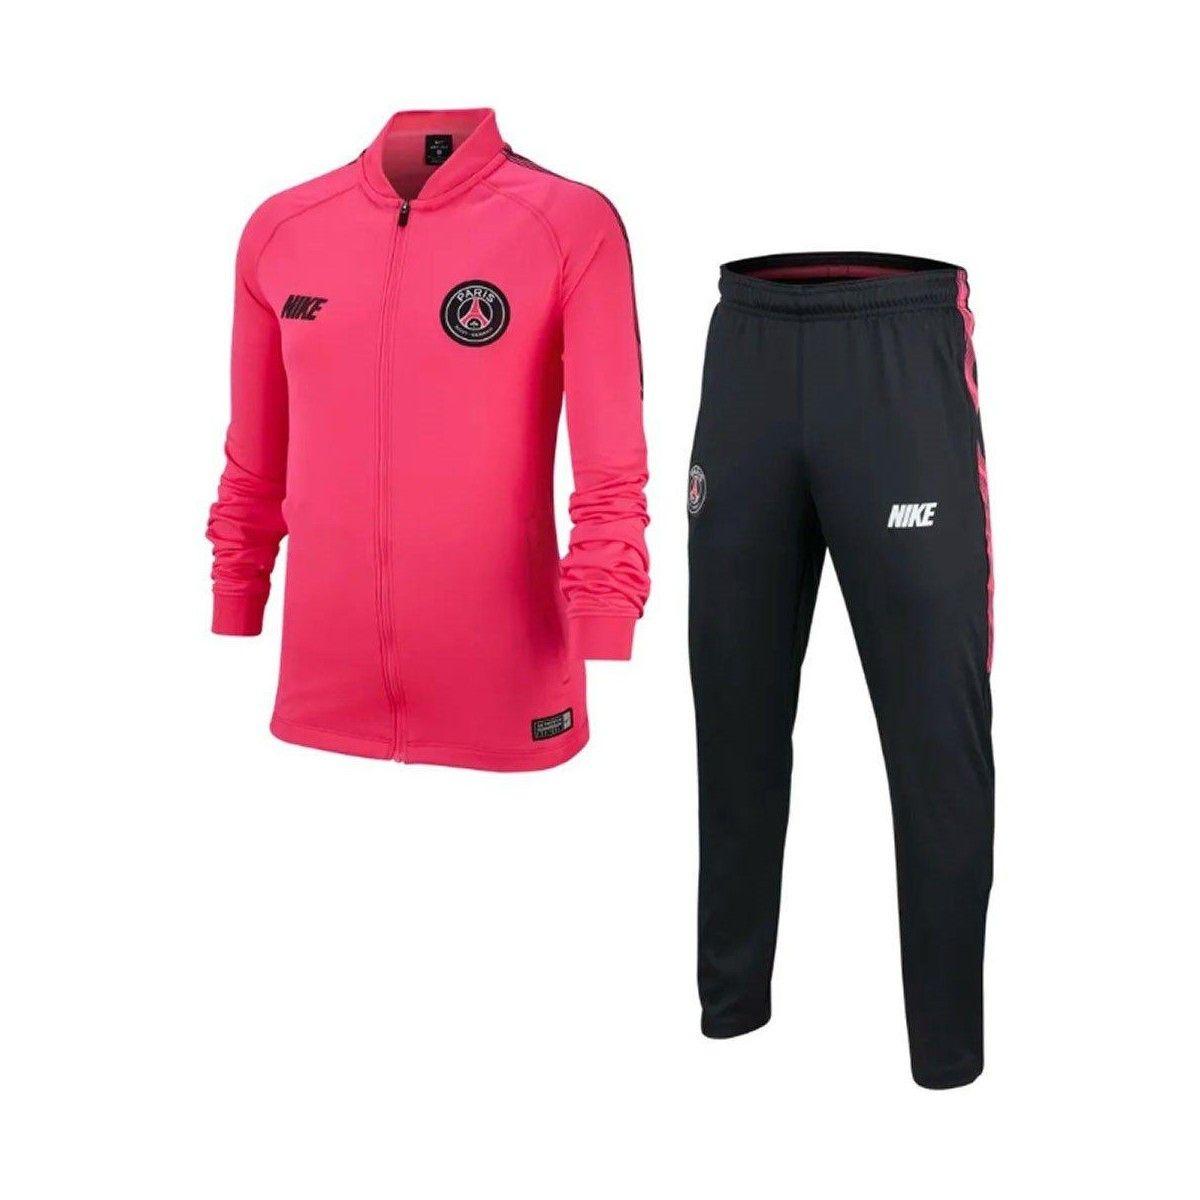 cheap for discount super specials professional sale Ensemble de survêtement Nike PARIS SAINT-GERMAIN DRI-FIT SQUAD - Pegashoes